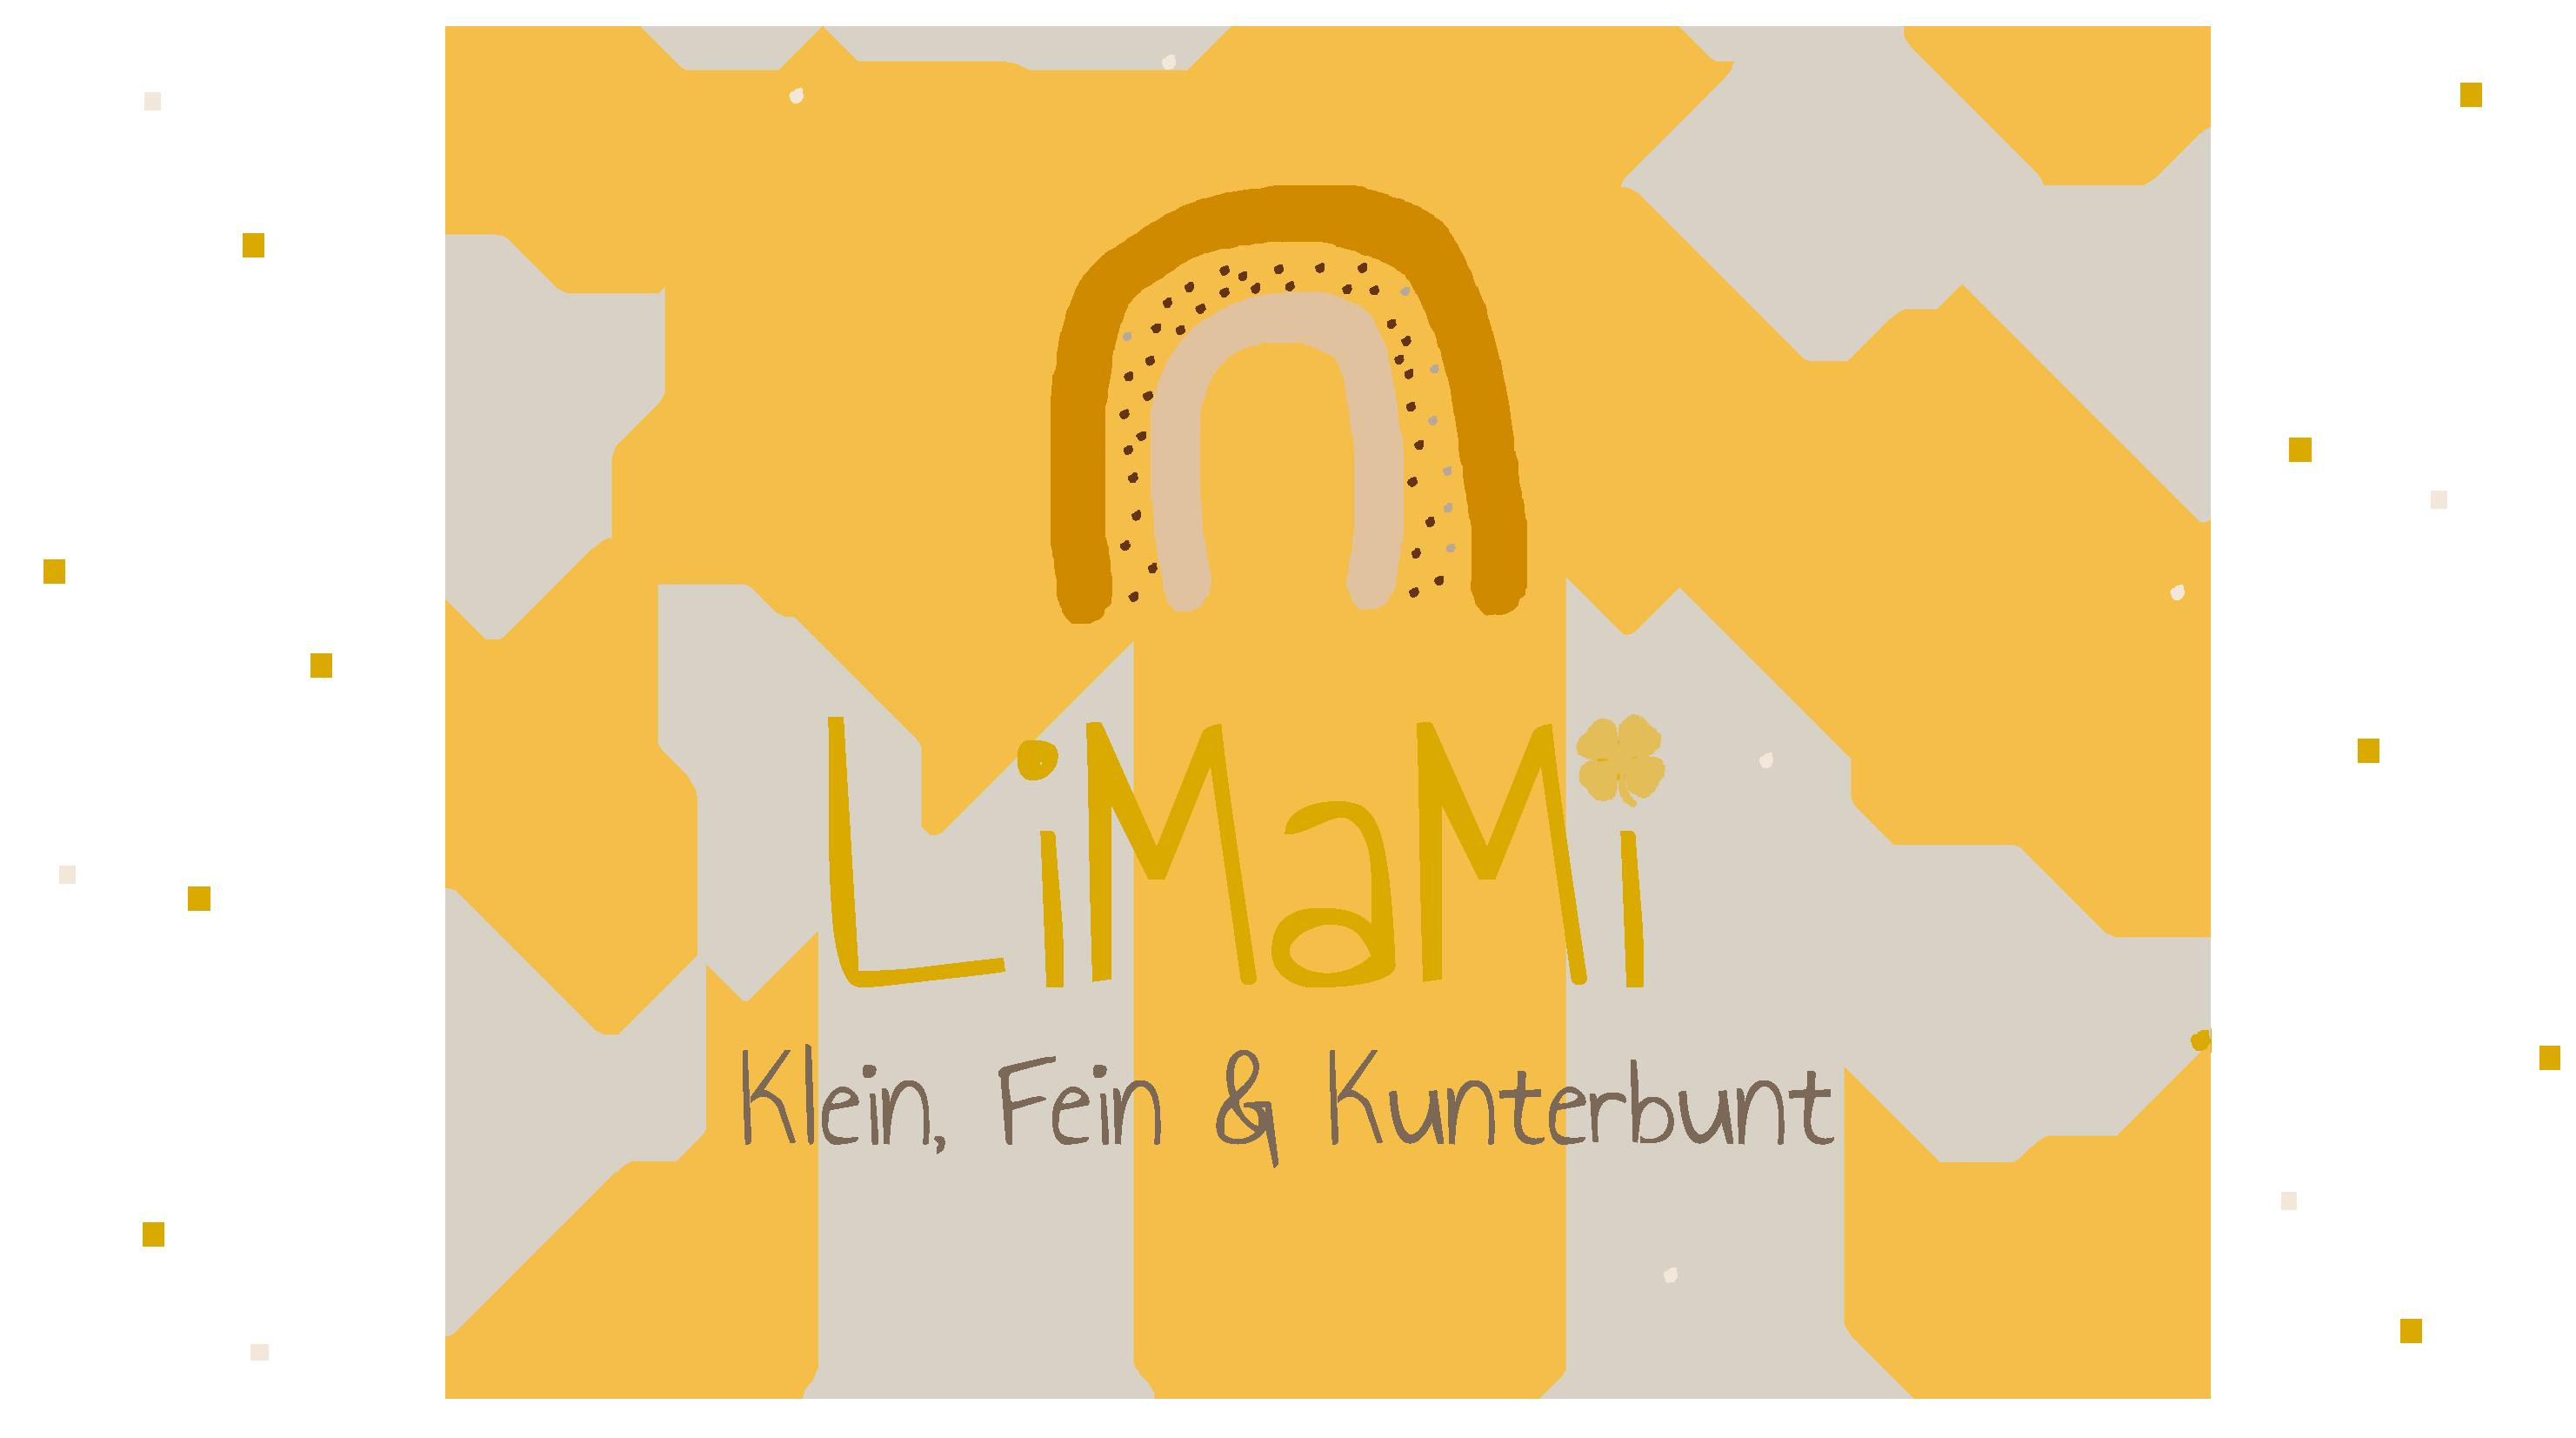 Limami Atelier & Webshop - Klein, Fein & Kunterbunt